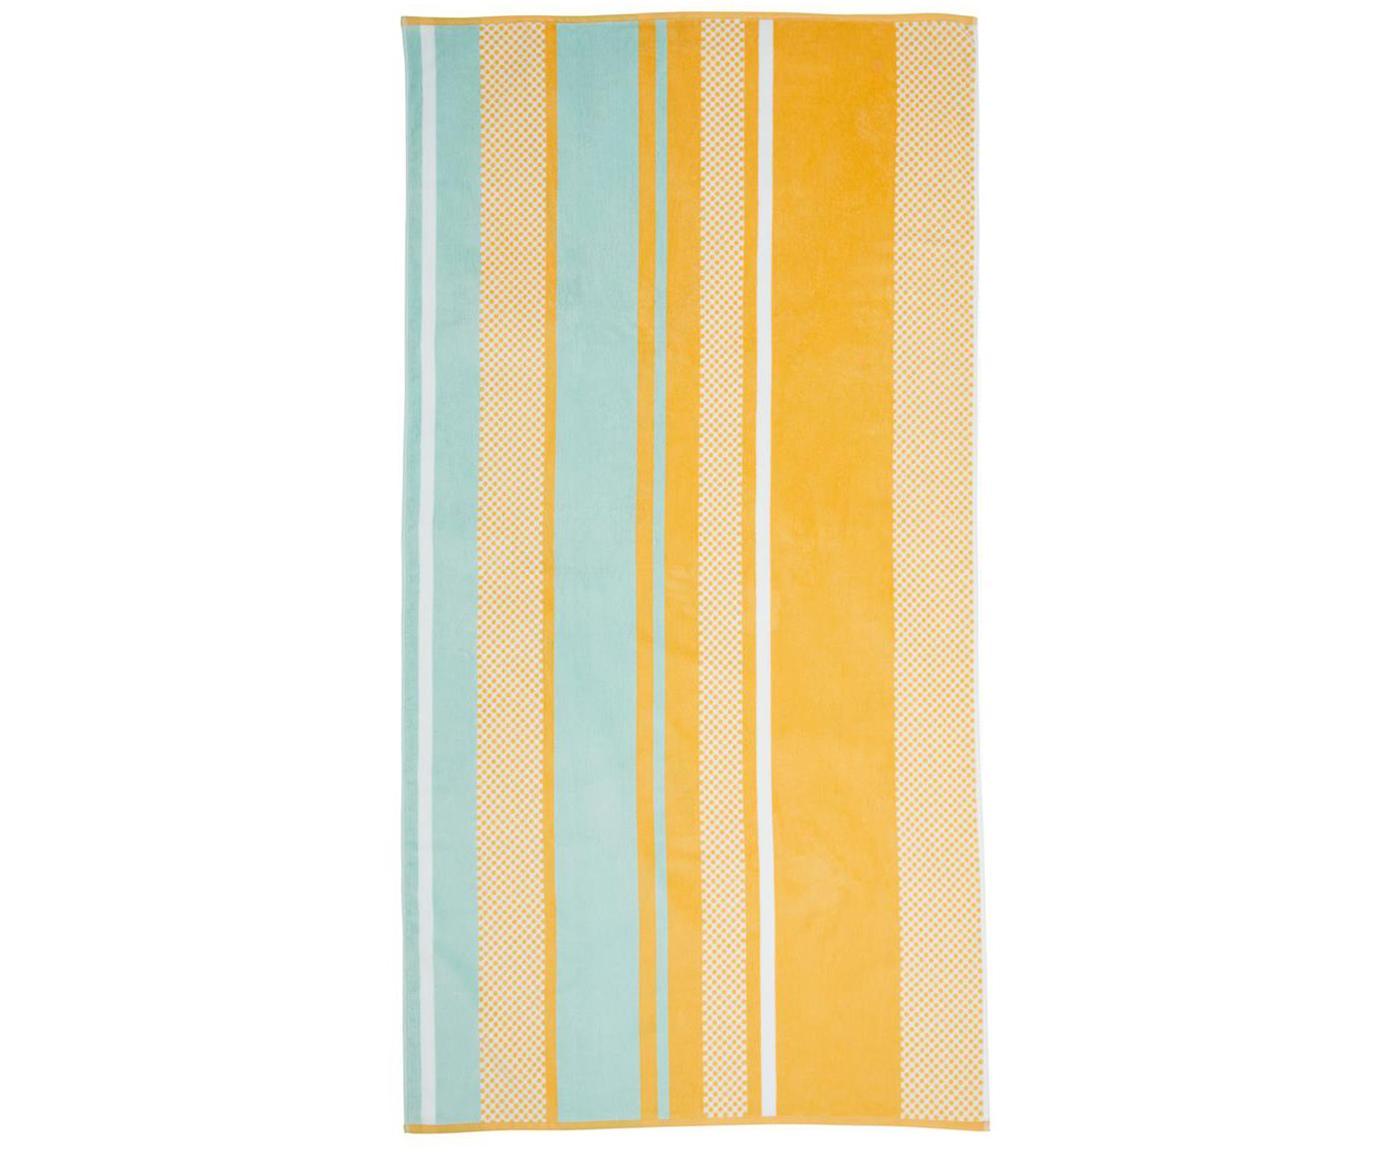 Strandlaken Sunny Lime, Katoen, lichte kwaliteit, 330g/m², Geel, lichtblauw, 100 x 180 cm